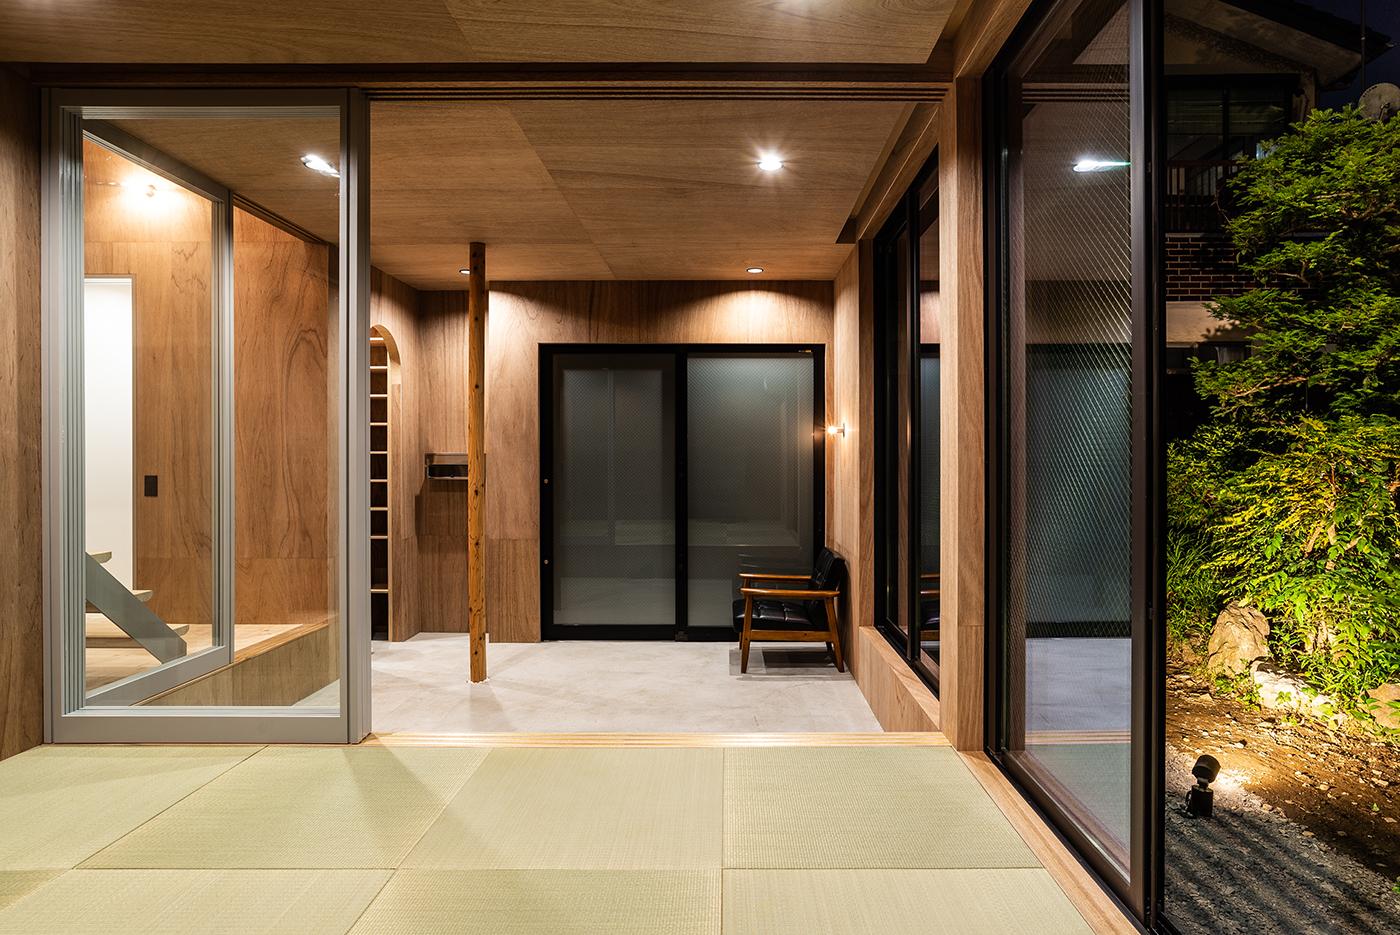 土間空間、ラワン、畳コーナー、和室、デザイン、モダン、大きな窓、設計事務所、建築家、川崎市、神奈川、一級建築士事務所